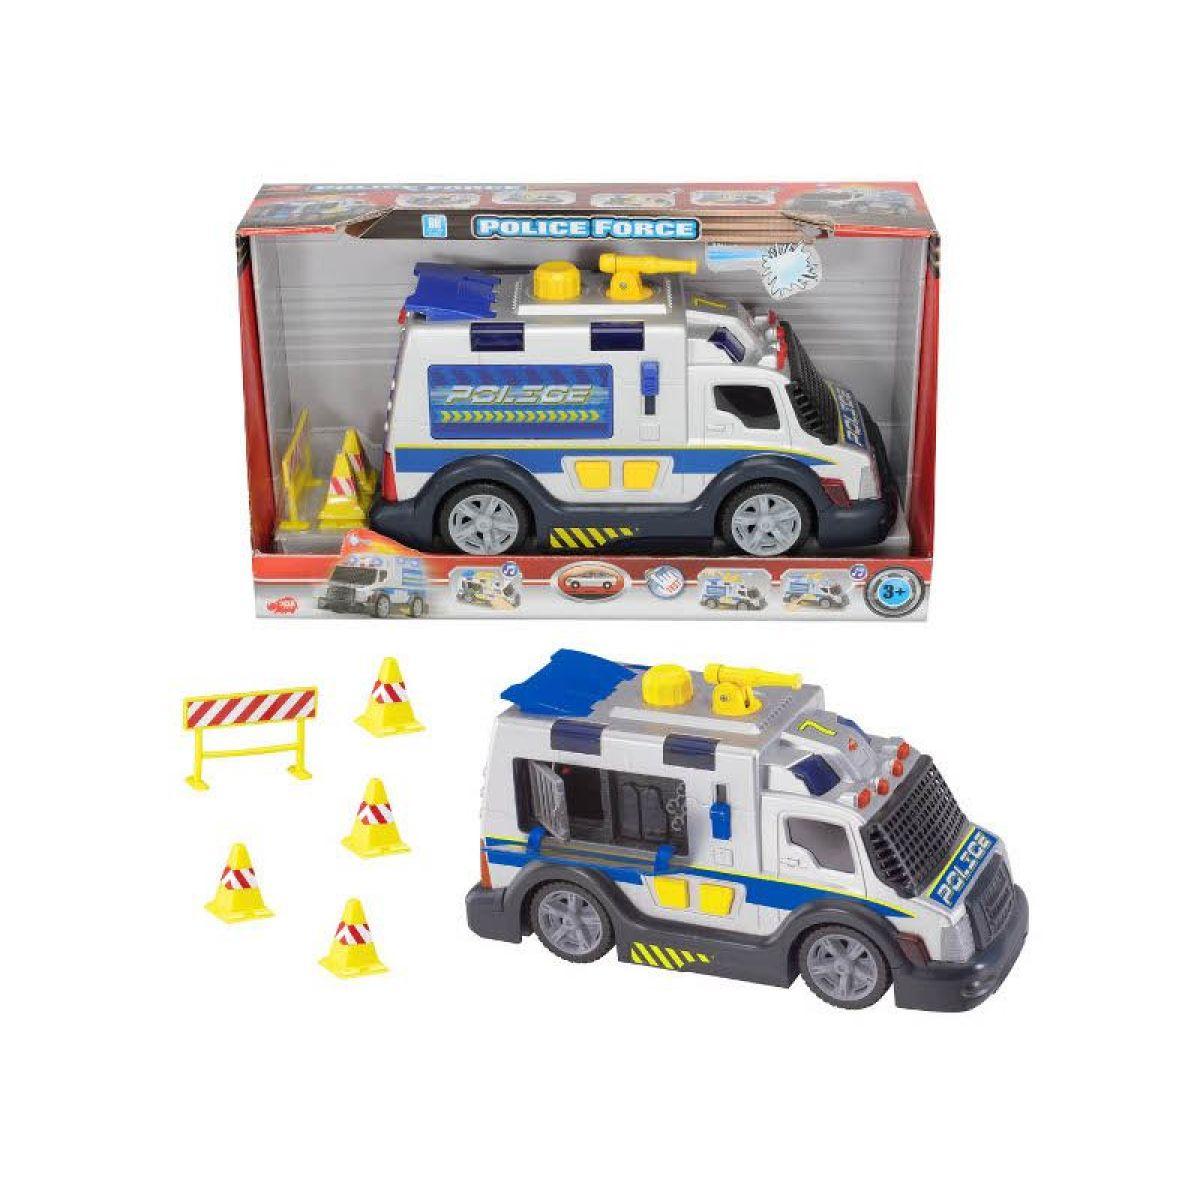 DICKIE 3318347 - Policejní zásahové vozidlo 33cm, světlo, zvuk